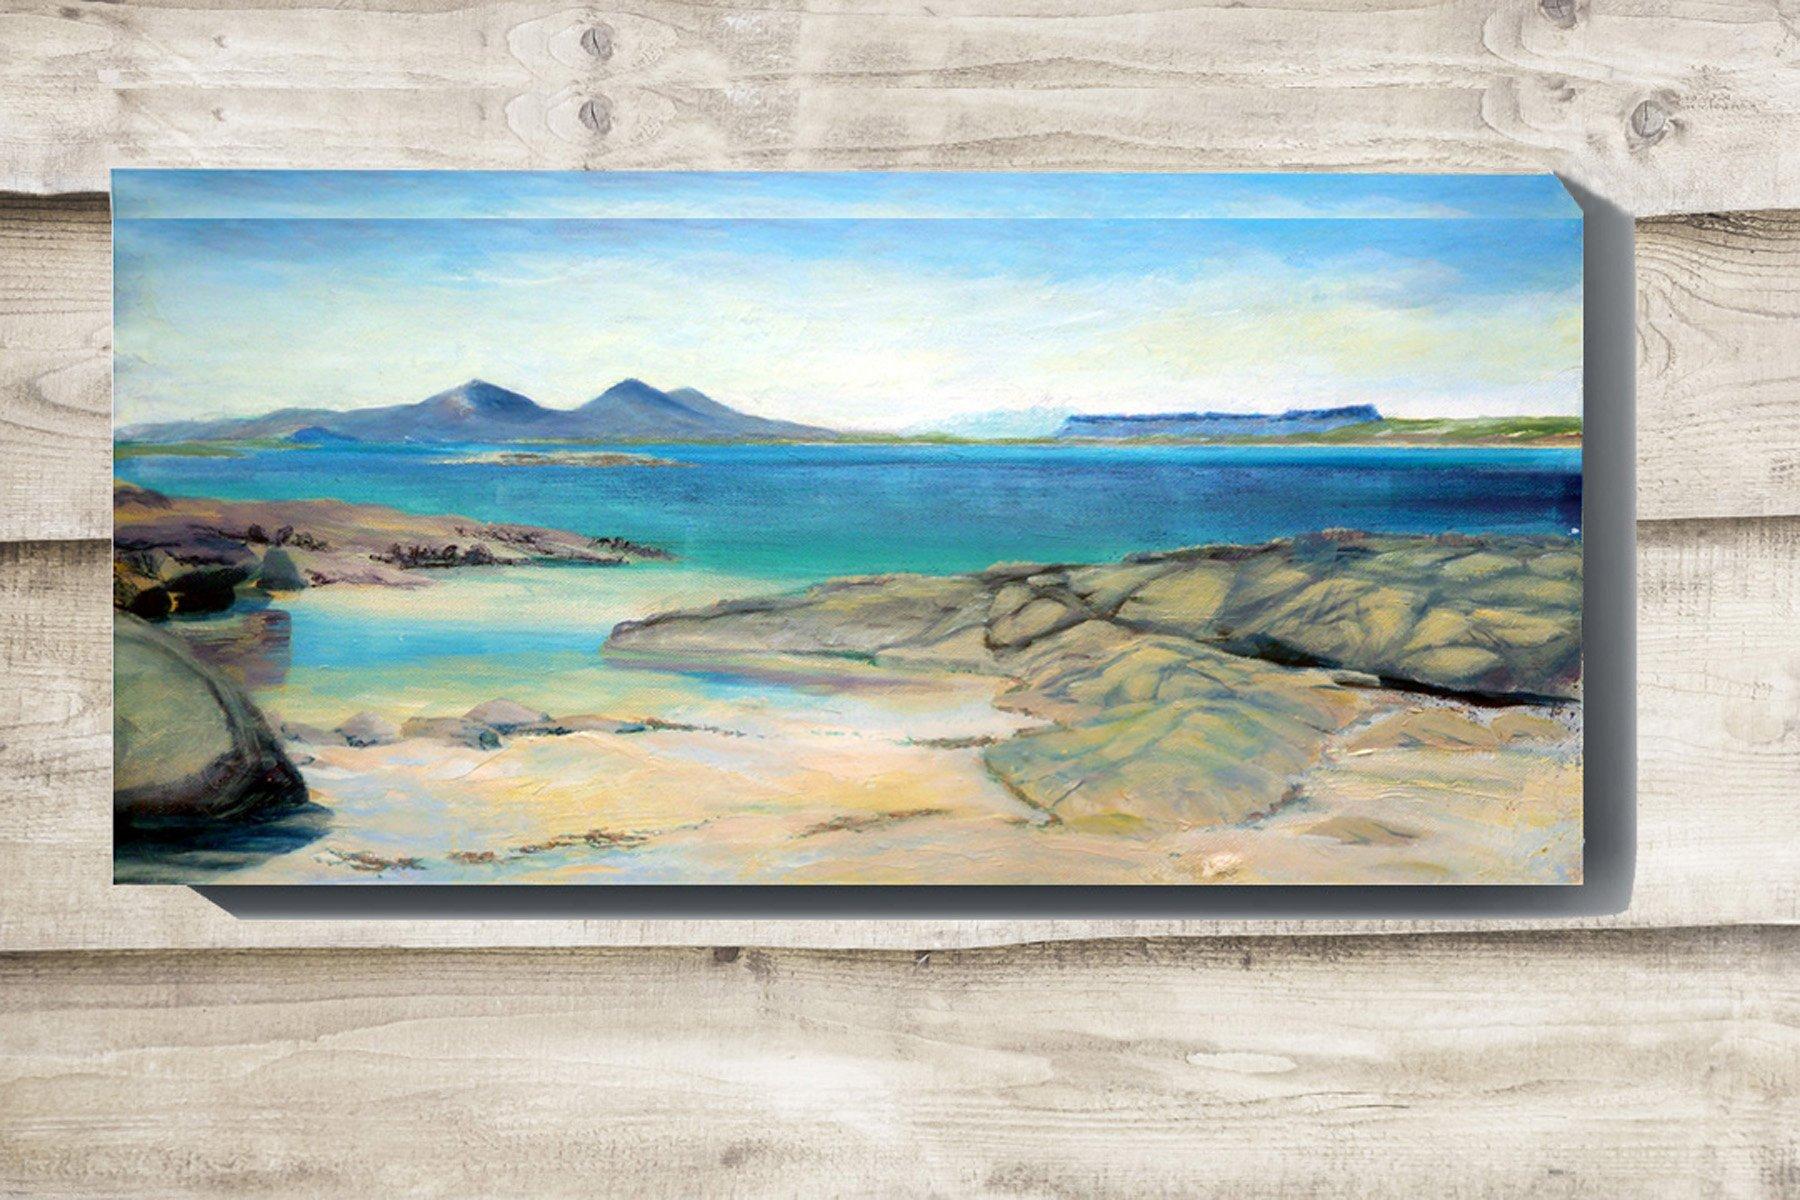 Portuairk beach painting on canvas